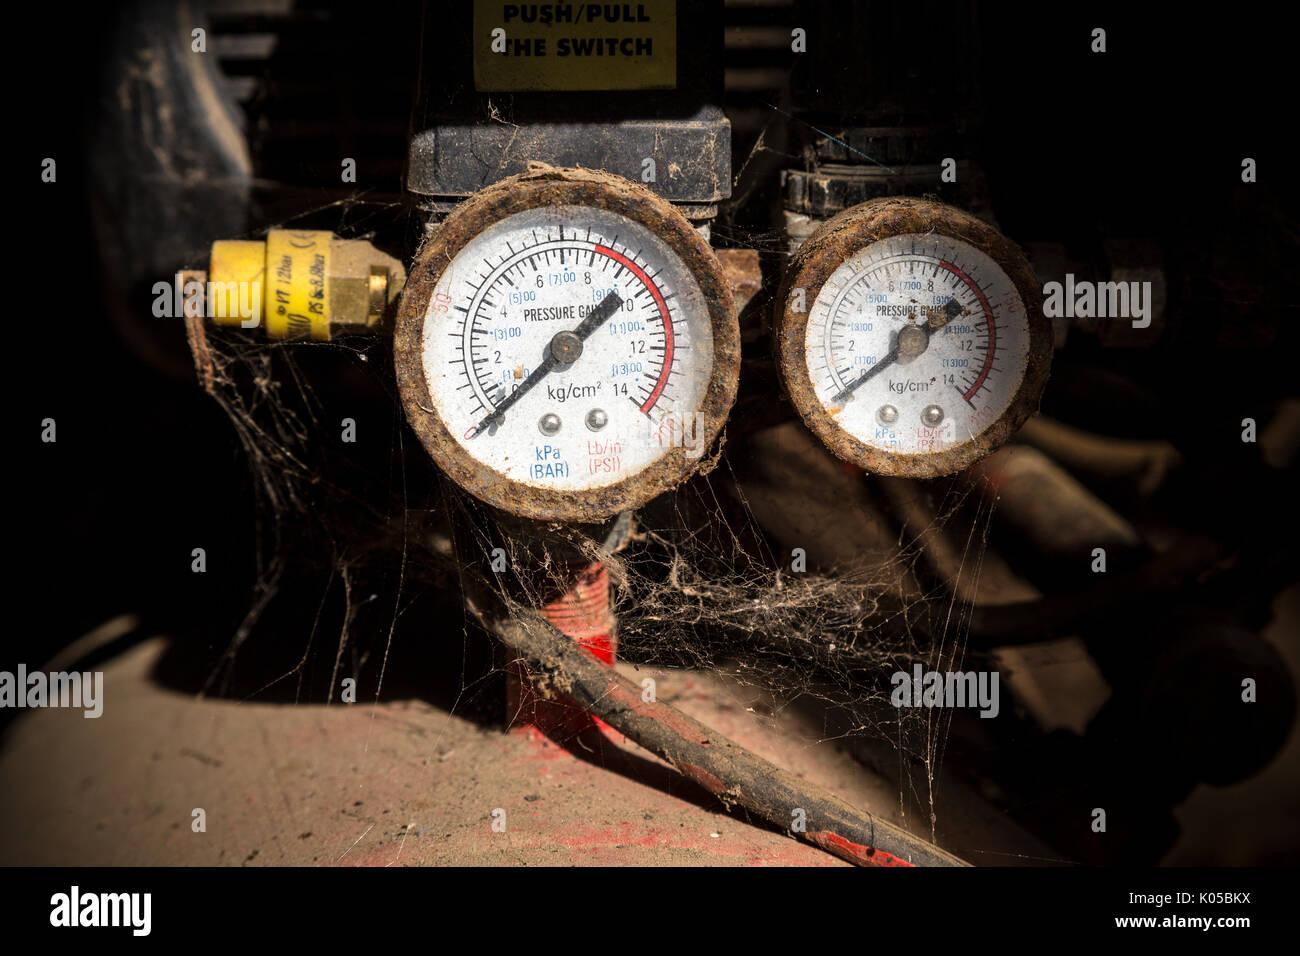 Un compresseur d'air a une variété d'applications: comme le gonflage des pneus, peinture, agrafage et clouer. Linge Mart en stock une gamme énorme d'air Photo Stock